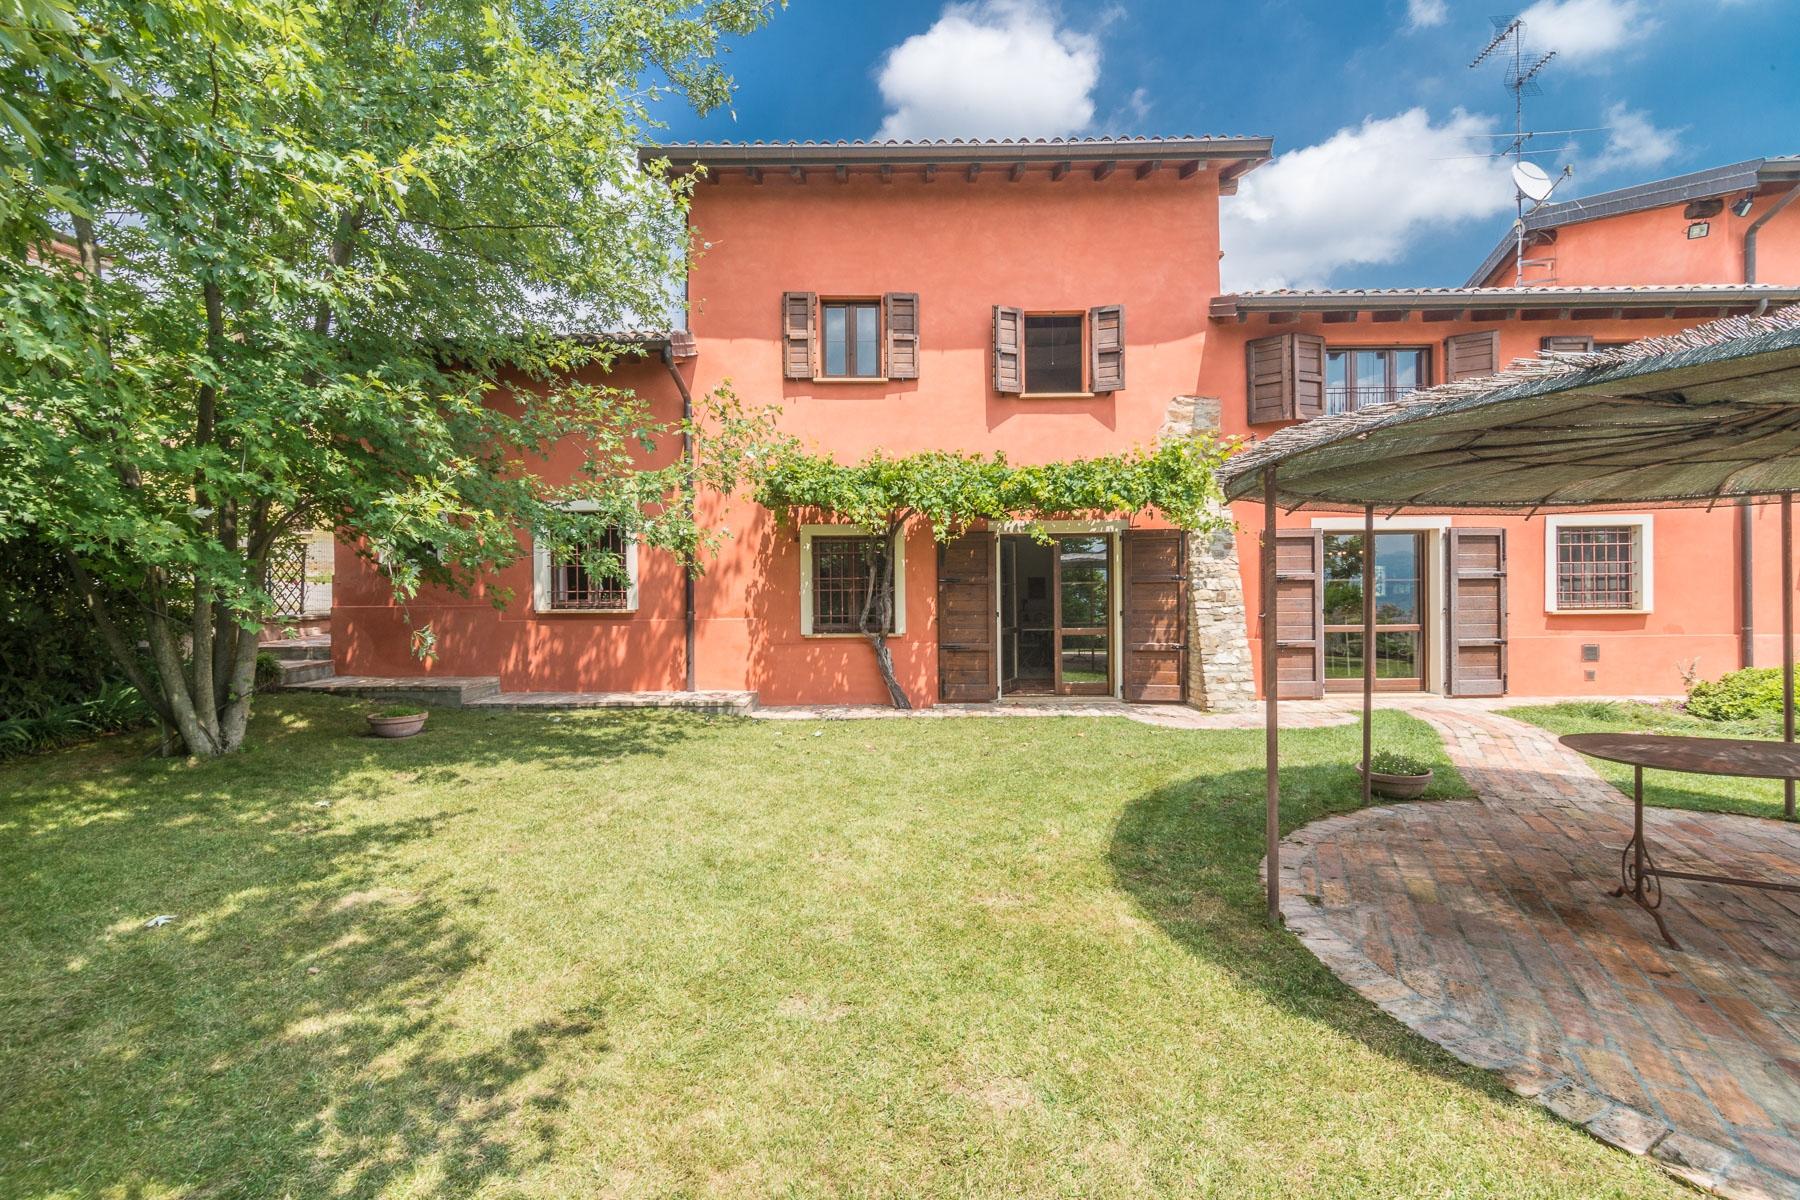 Casa indipendente in Vendita a Ziano Piacentino: 5 locali, 260 mq - Foto 1